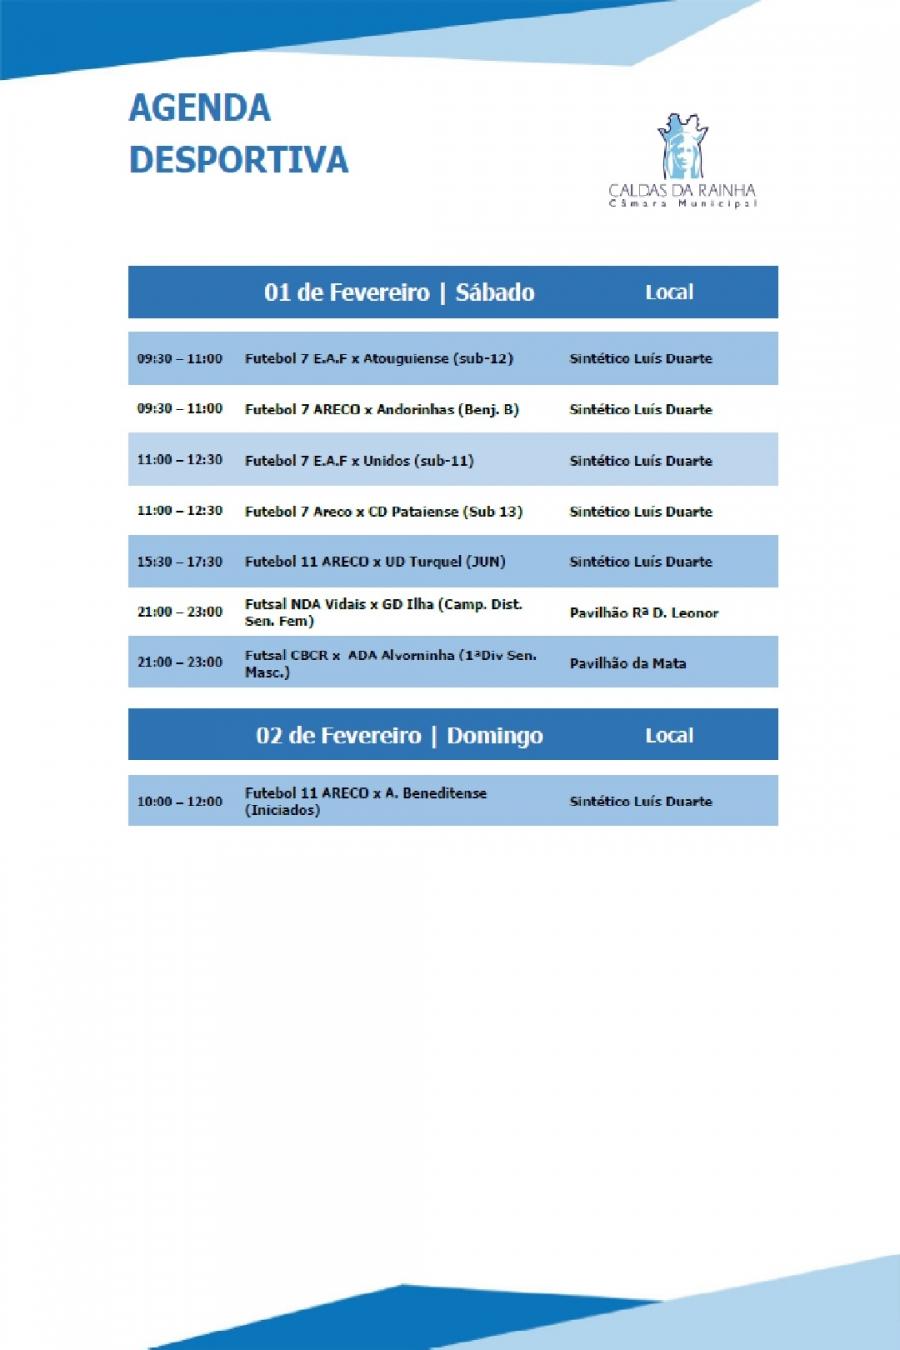 Agenda Desportiva Municipal